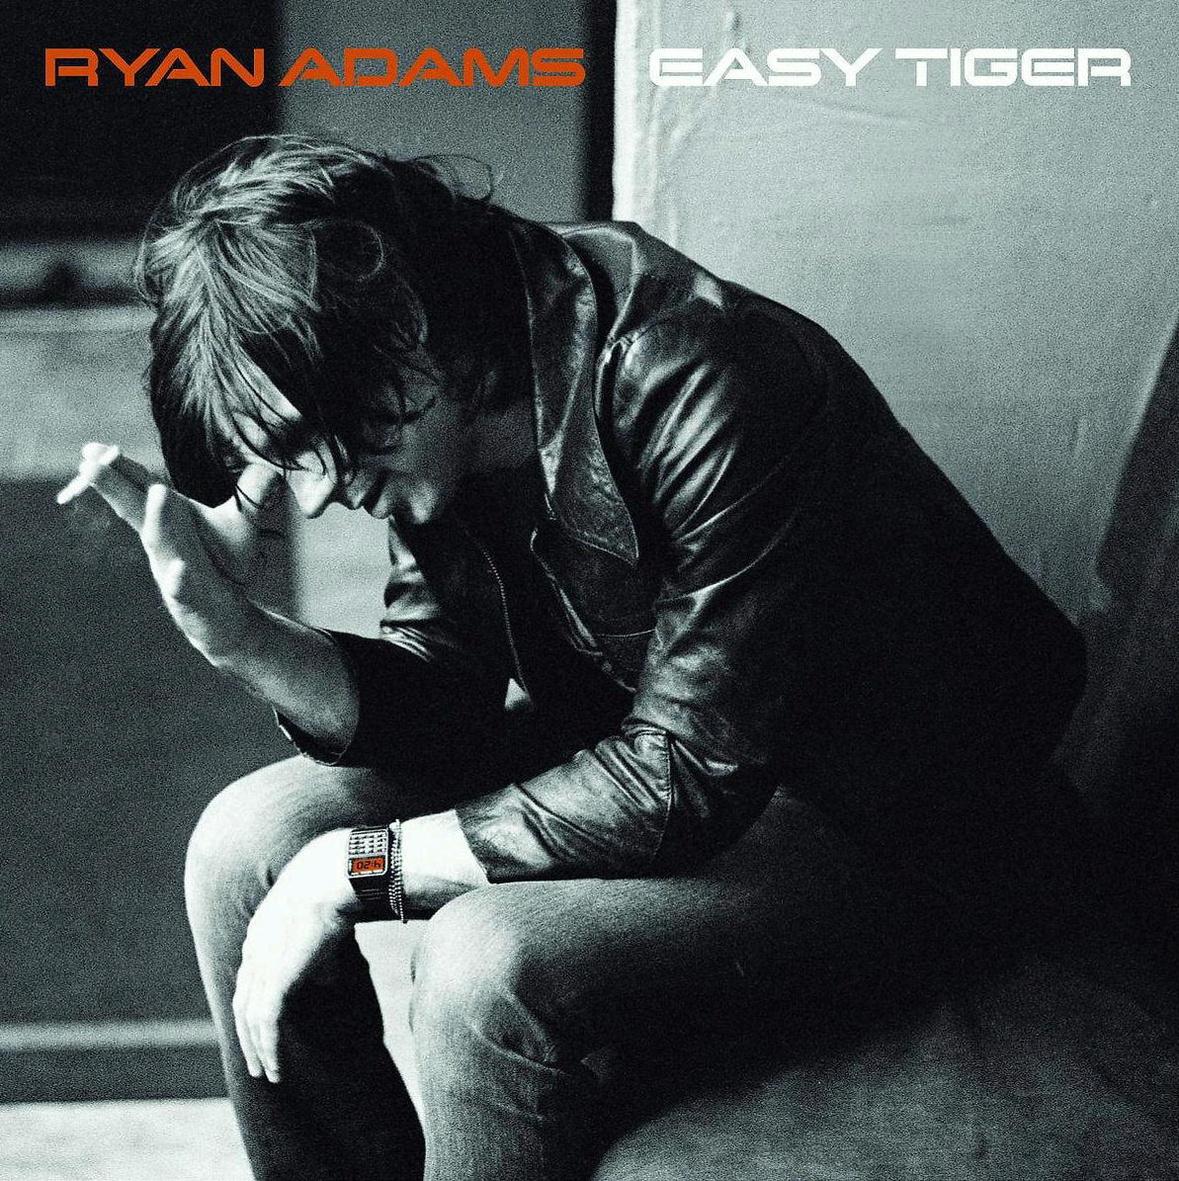 RYAN ADAMS EASY TIGER